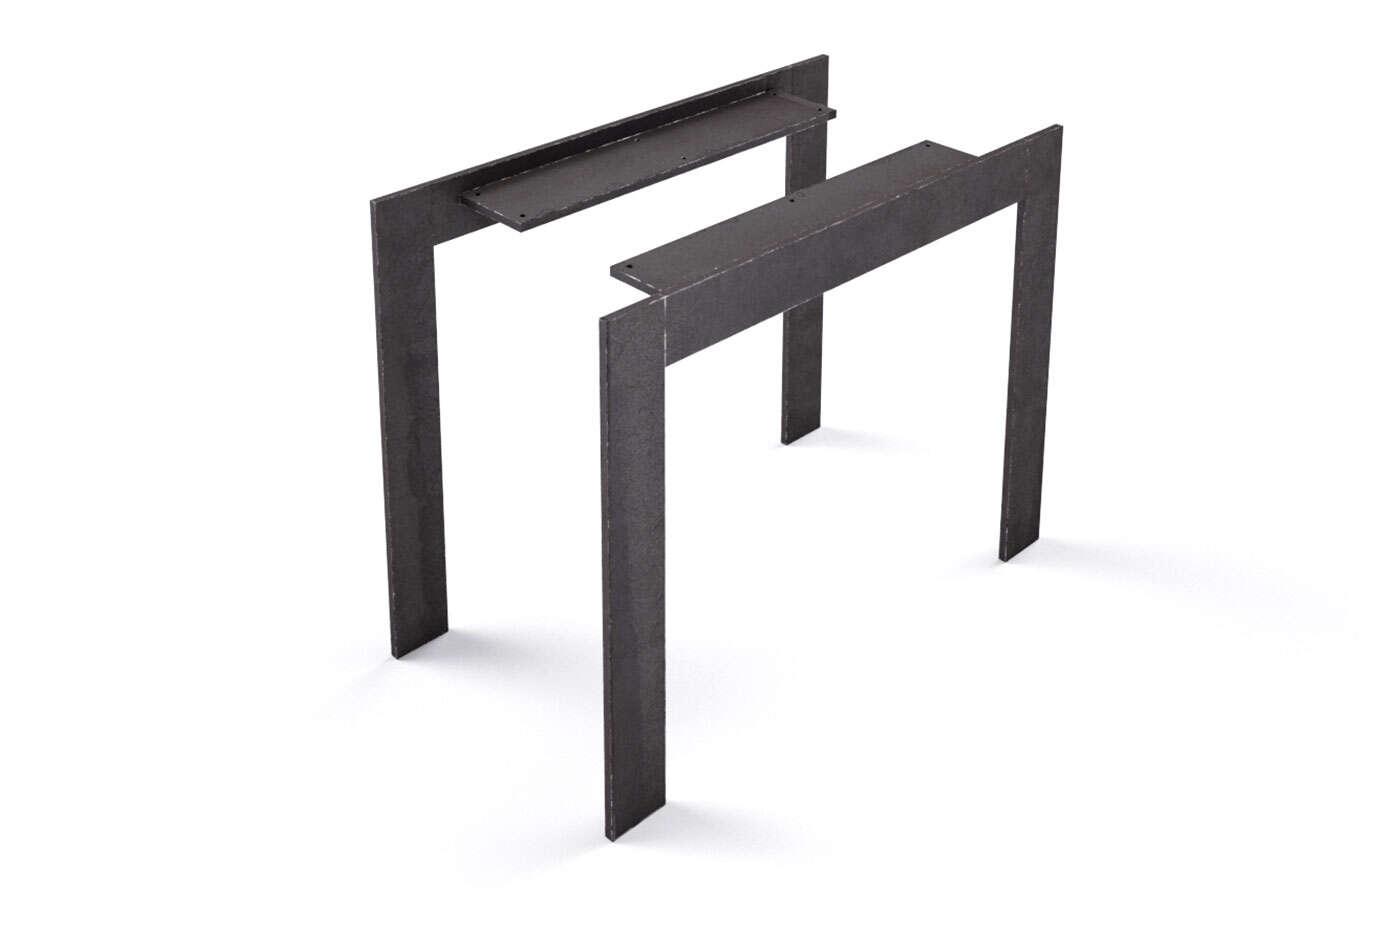 Metall Tischbeine nach Maß Trenton 10 (2er Set)